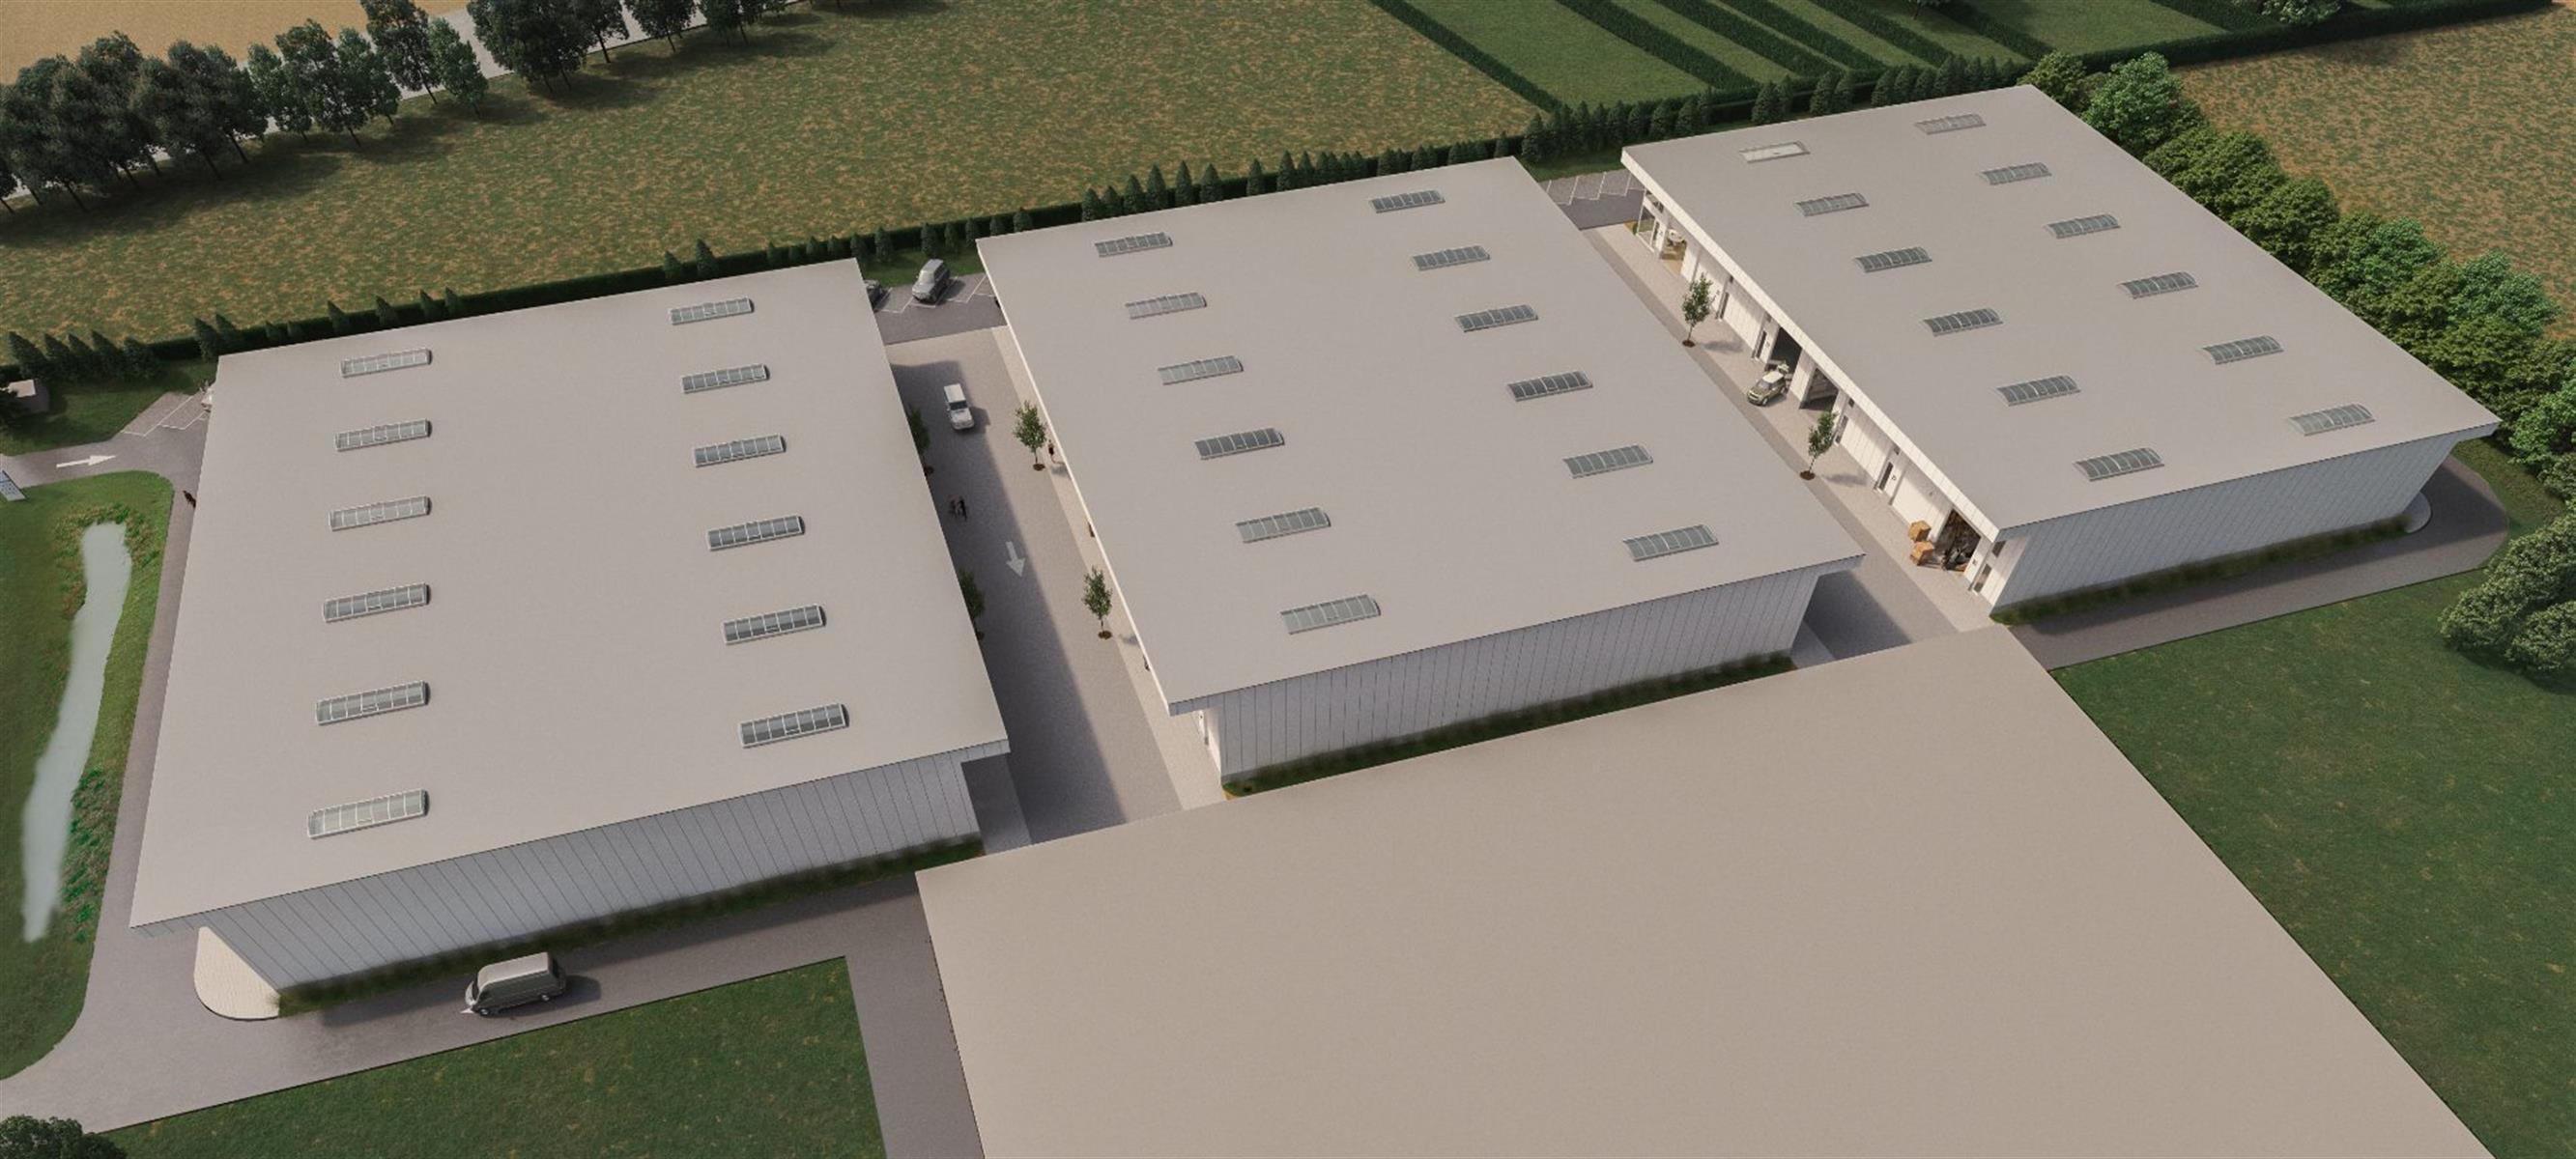 KMO-unit te koop UNIT 030 - Endepoelstraat 3, 3210 Lubbeek, België 21